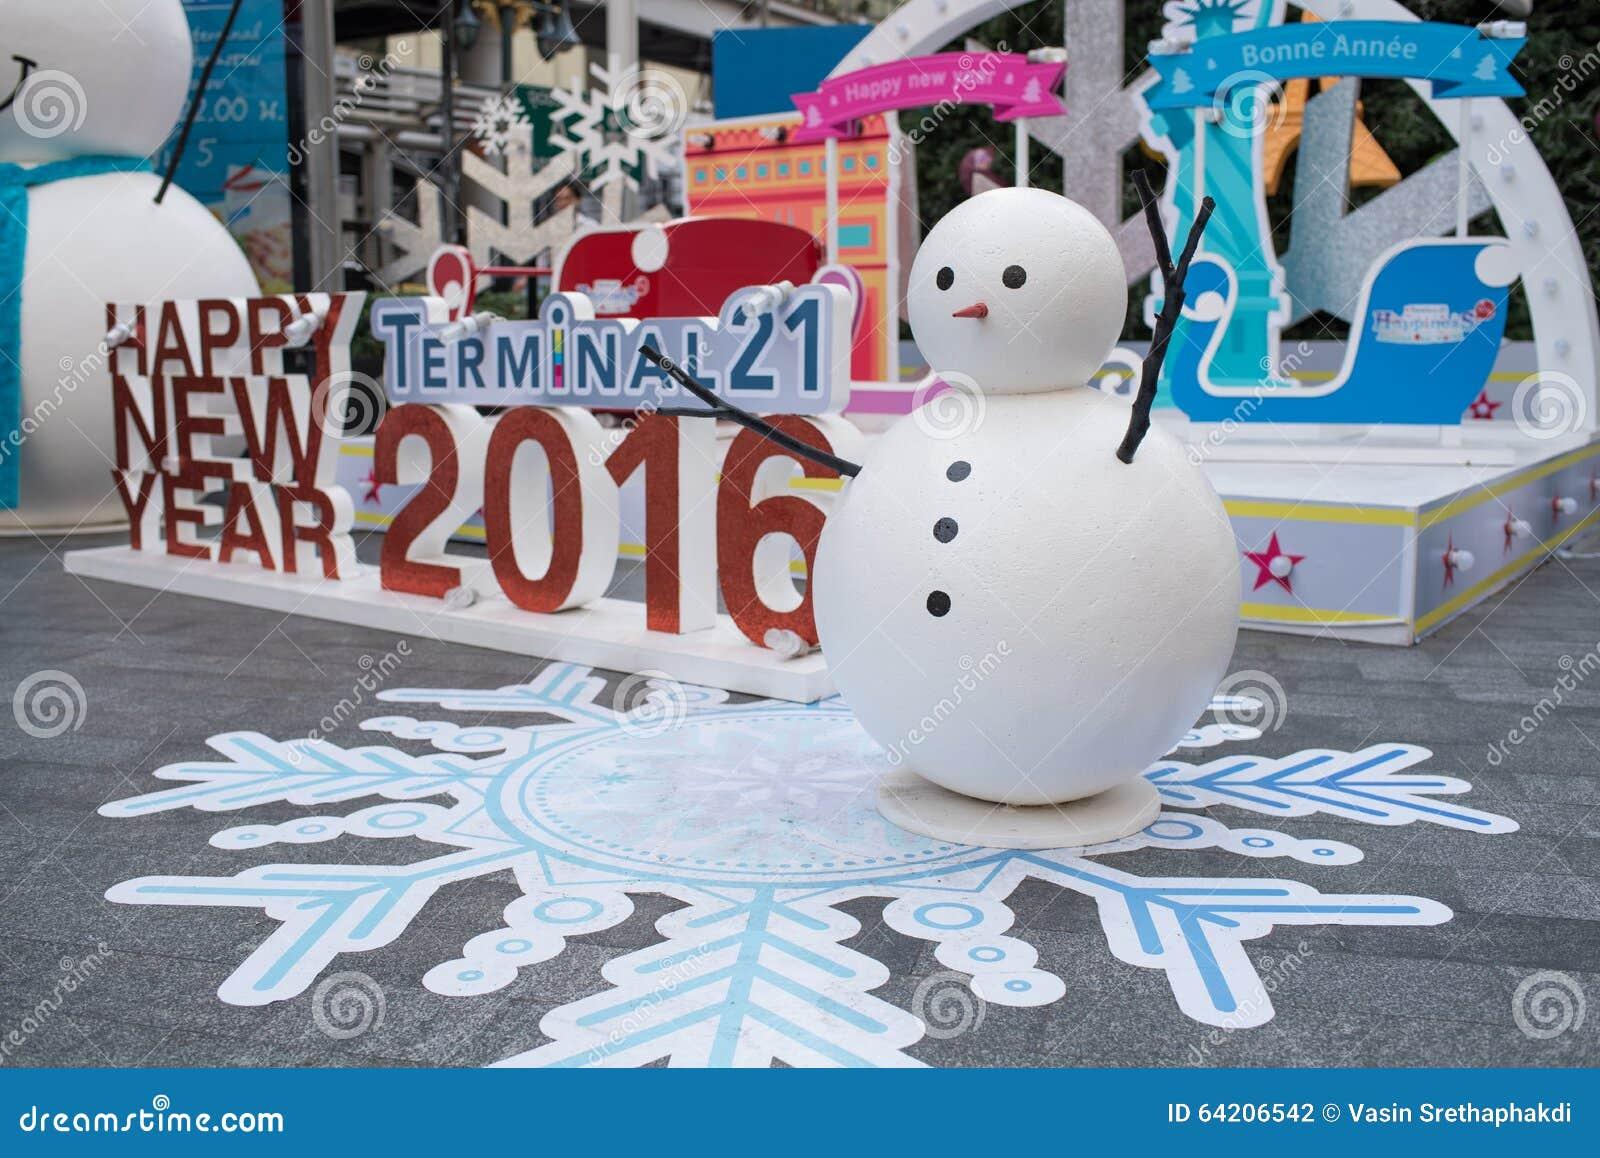 Hombre de la nieve de los grandes almacenes del terminal 21 que adorna para la Navidad y la celebración 2016 del Año Nuevo